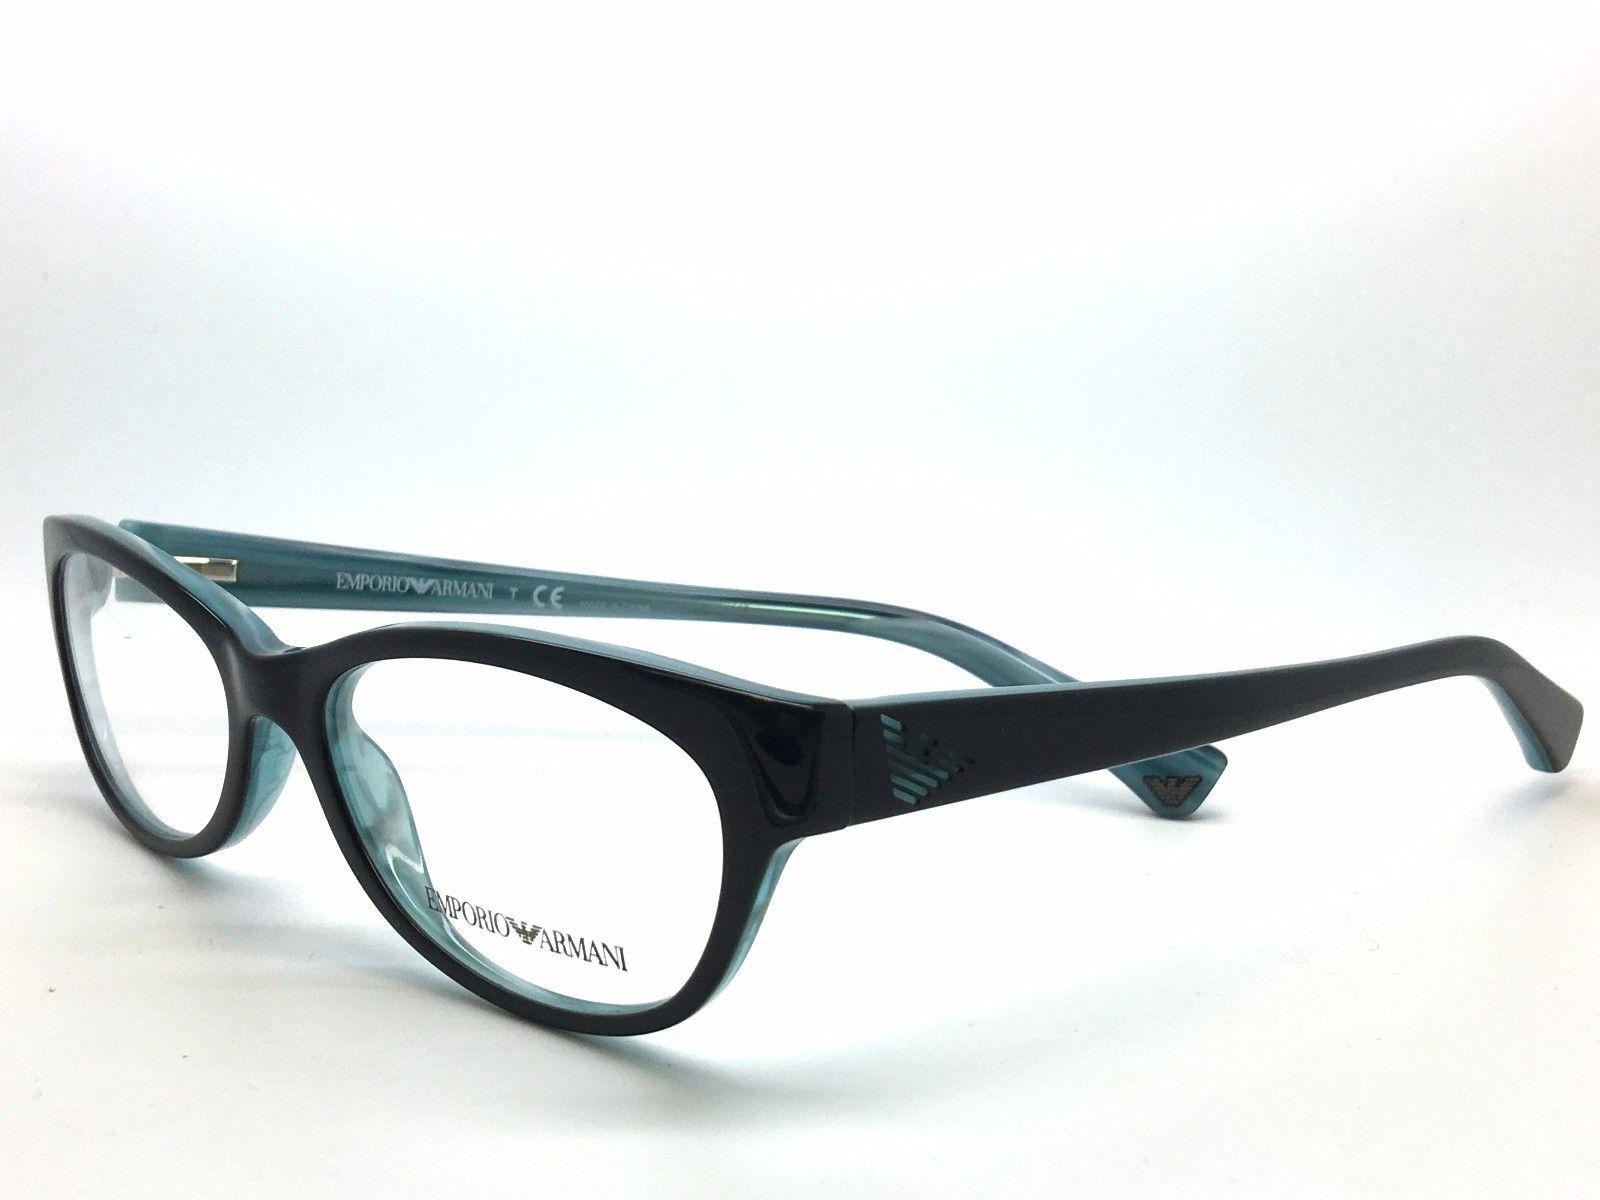 e0b31abe68a Emporio Armani EA 3008 Eyeglasses 51-16-135 Black Azure Variegated 5052  EA3008 -  79.49